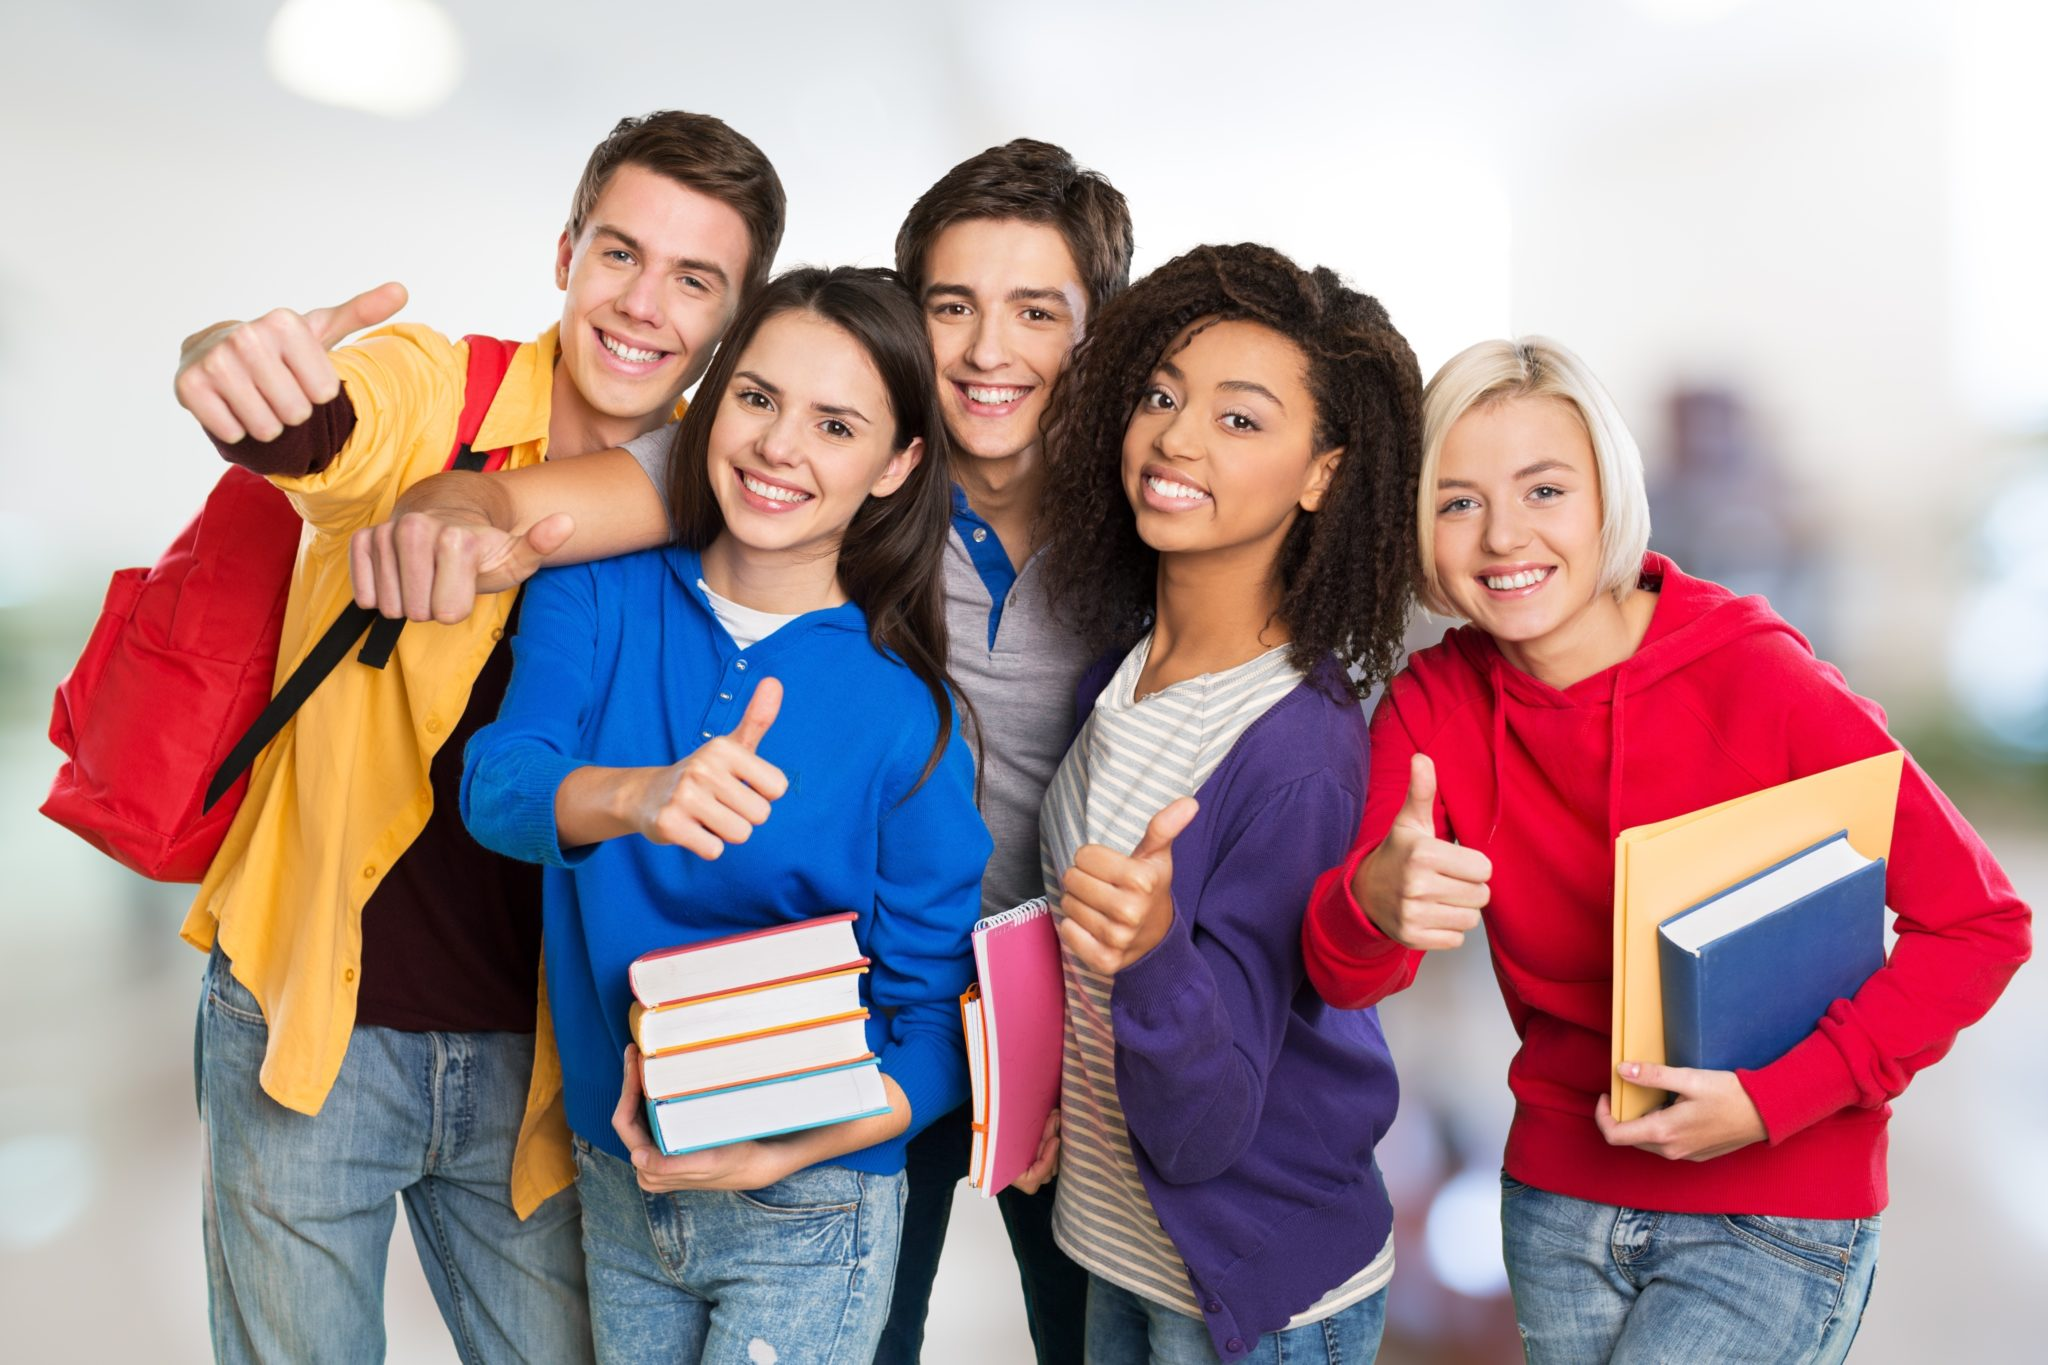 優秀な外国人留学生の採用ならBridgers